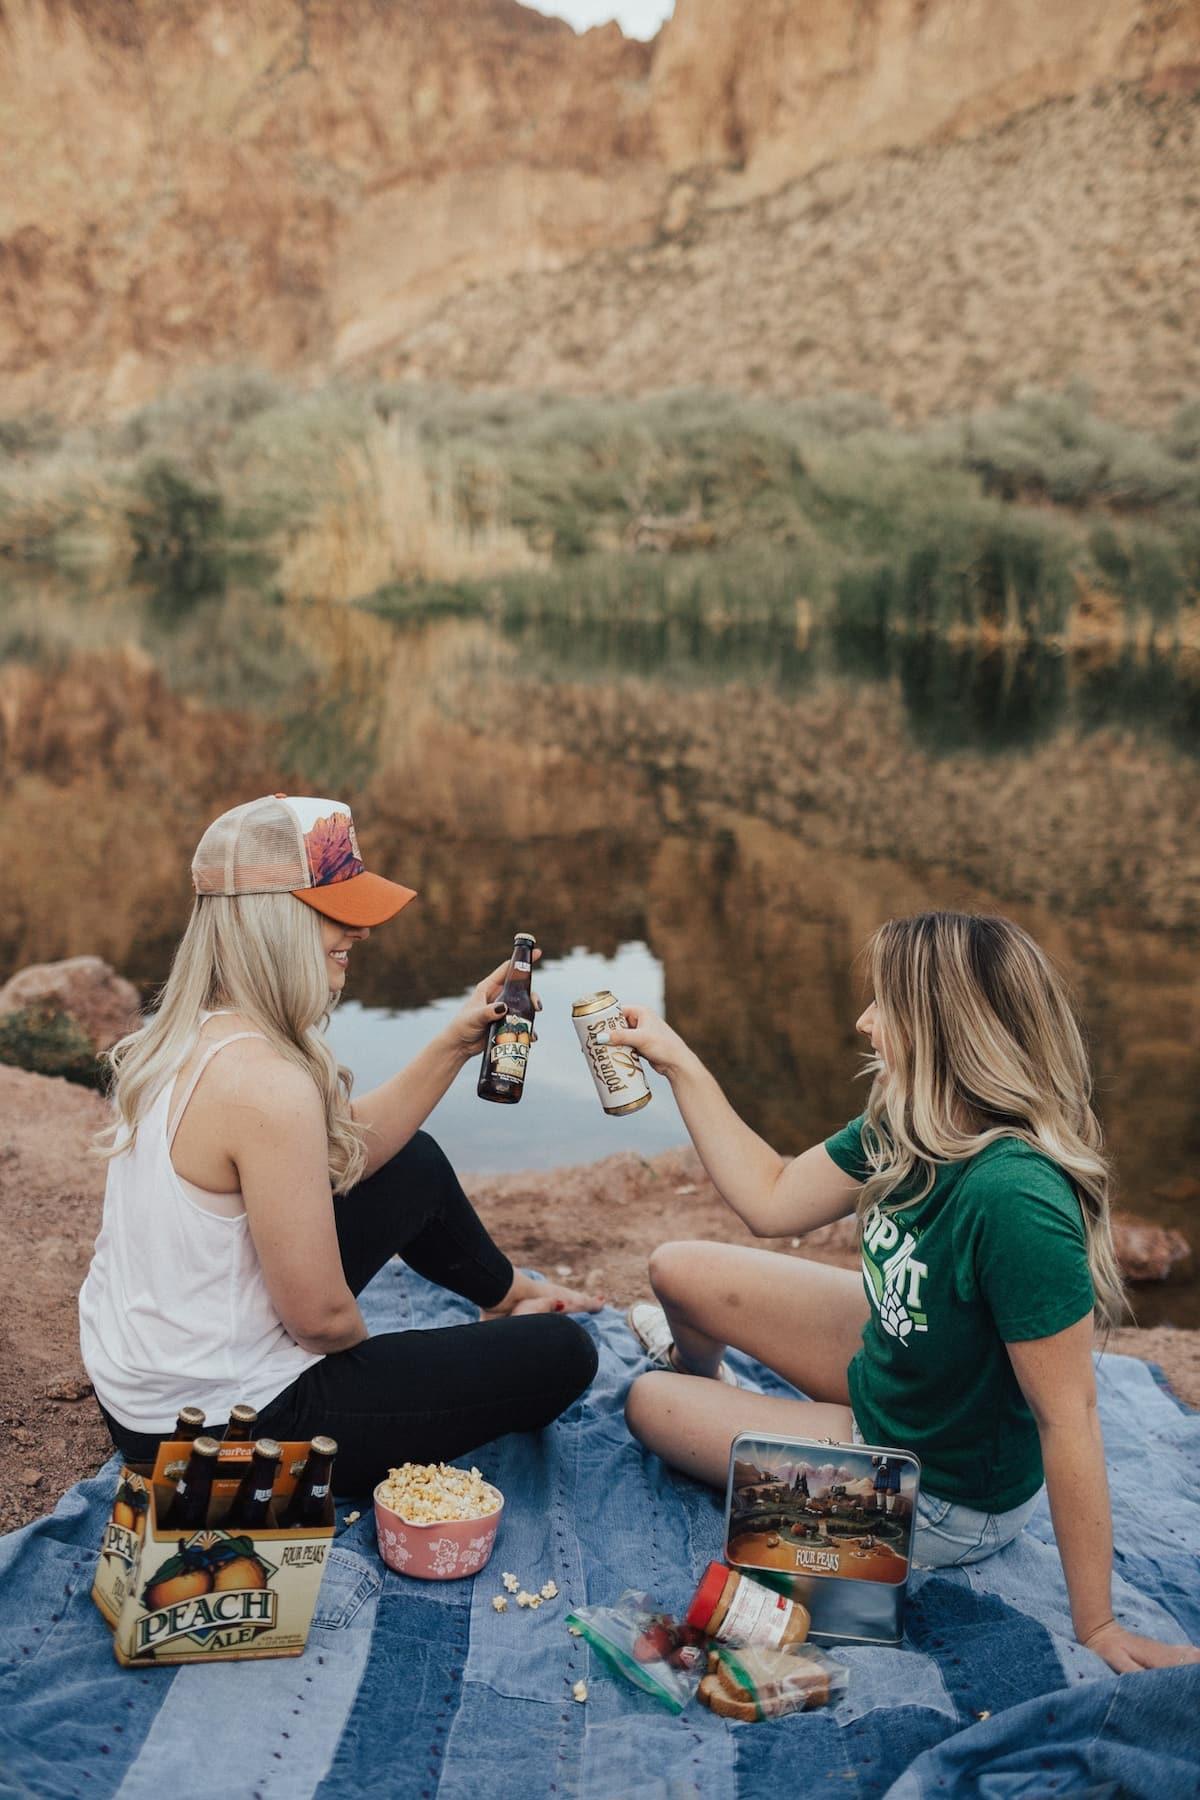 picnic spots in Cape Town